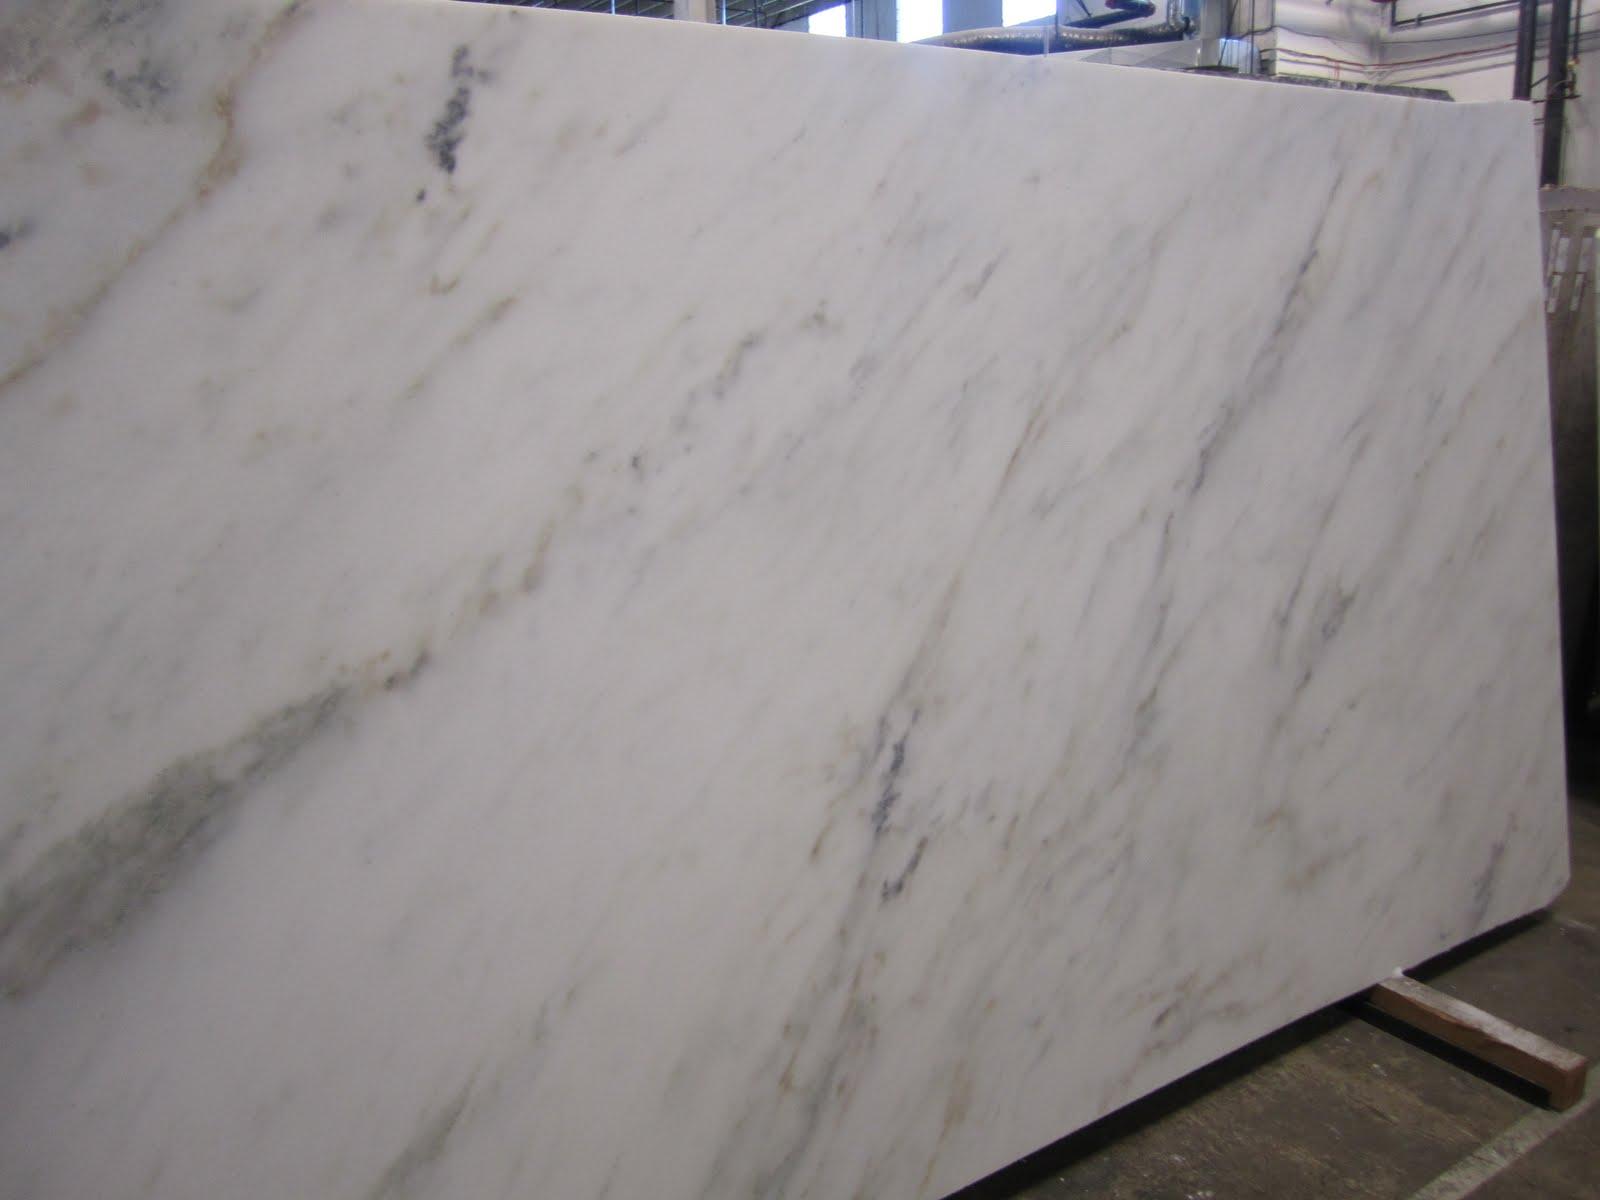 USC granite: Imperial Danby Honed 112 x 64